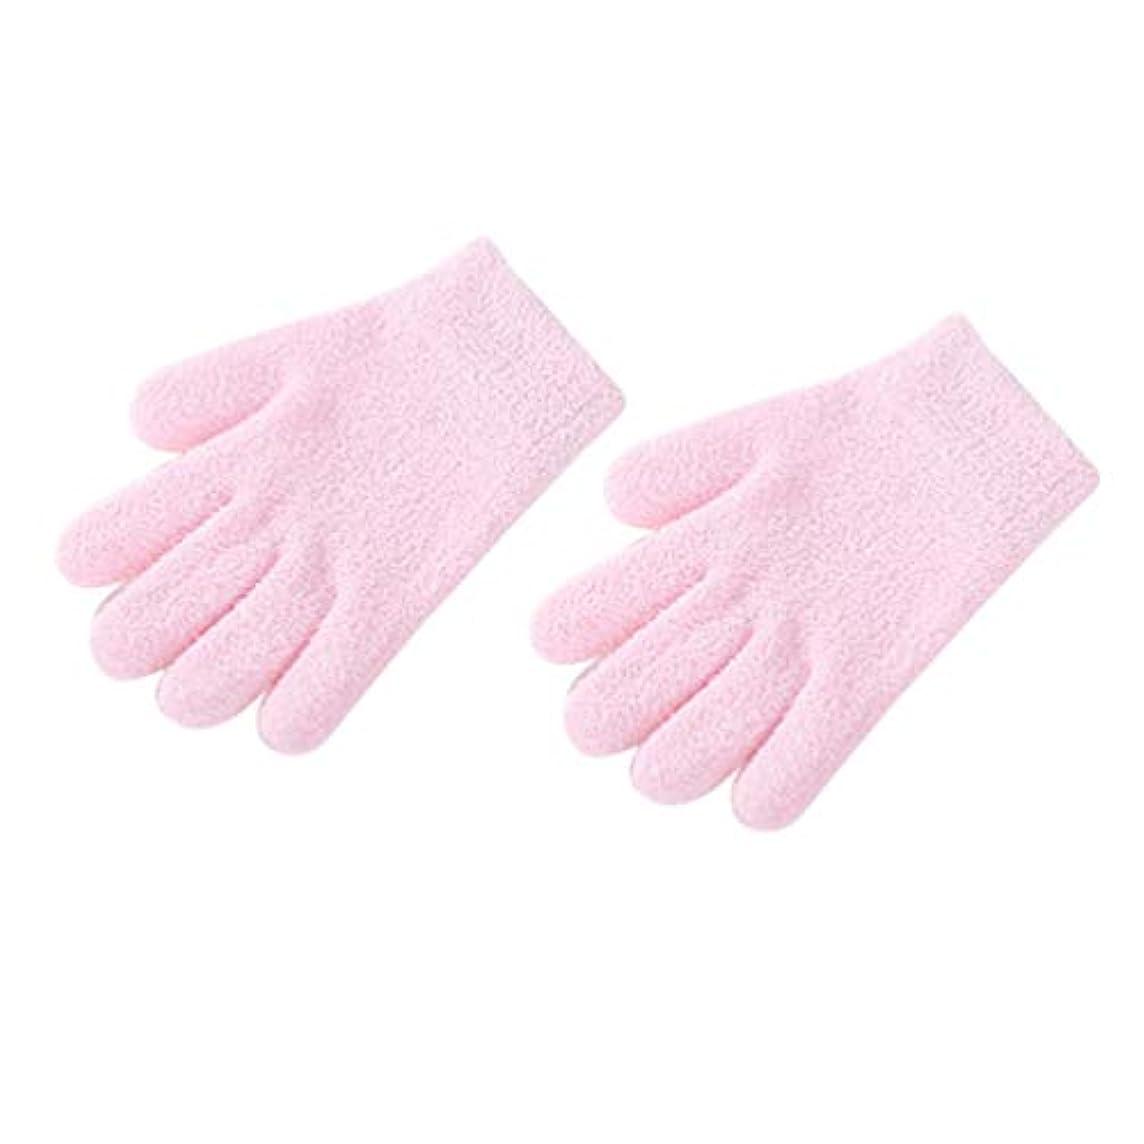 区別トリップ優しさHealifty 美容用保湿手袋スキンケア手袋(ピンク)